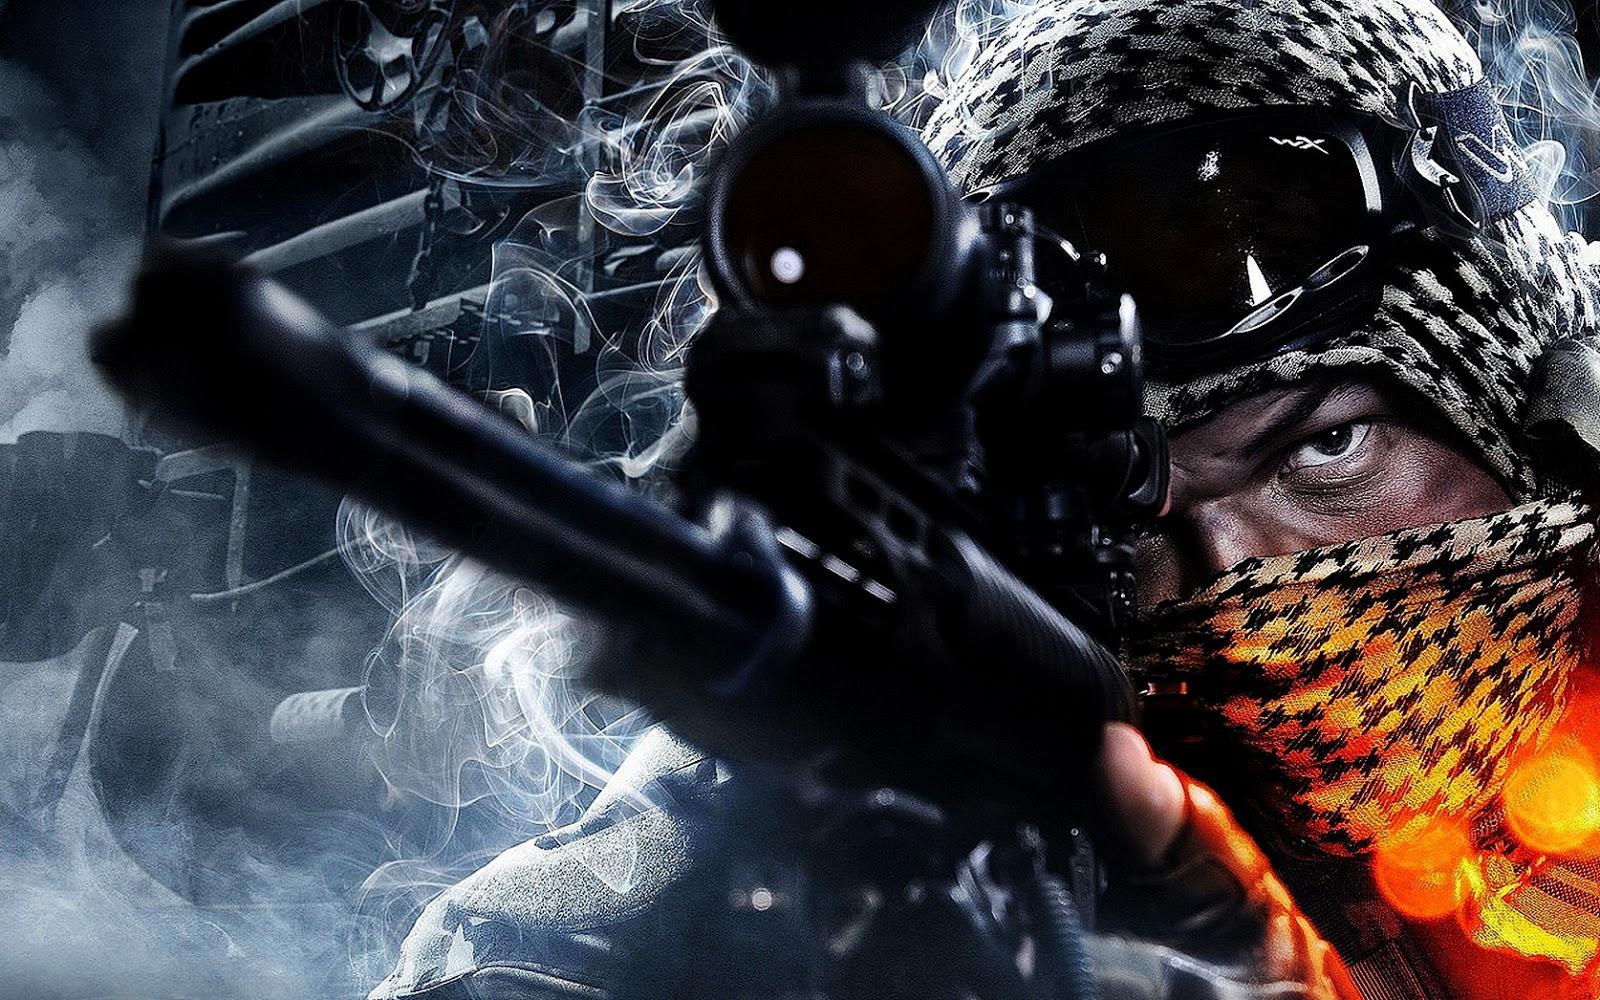 https://2.bp.blogspot.com/-odsnxD6q4ww/UKZzti4BeQI/AAAAAAAAGGg/t7d5aSdrayA/s1600/Battlefield-3-Sniper-Wallpaper-HD_Vvallpaper.Net.jpg